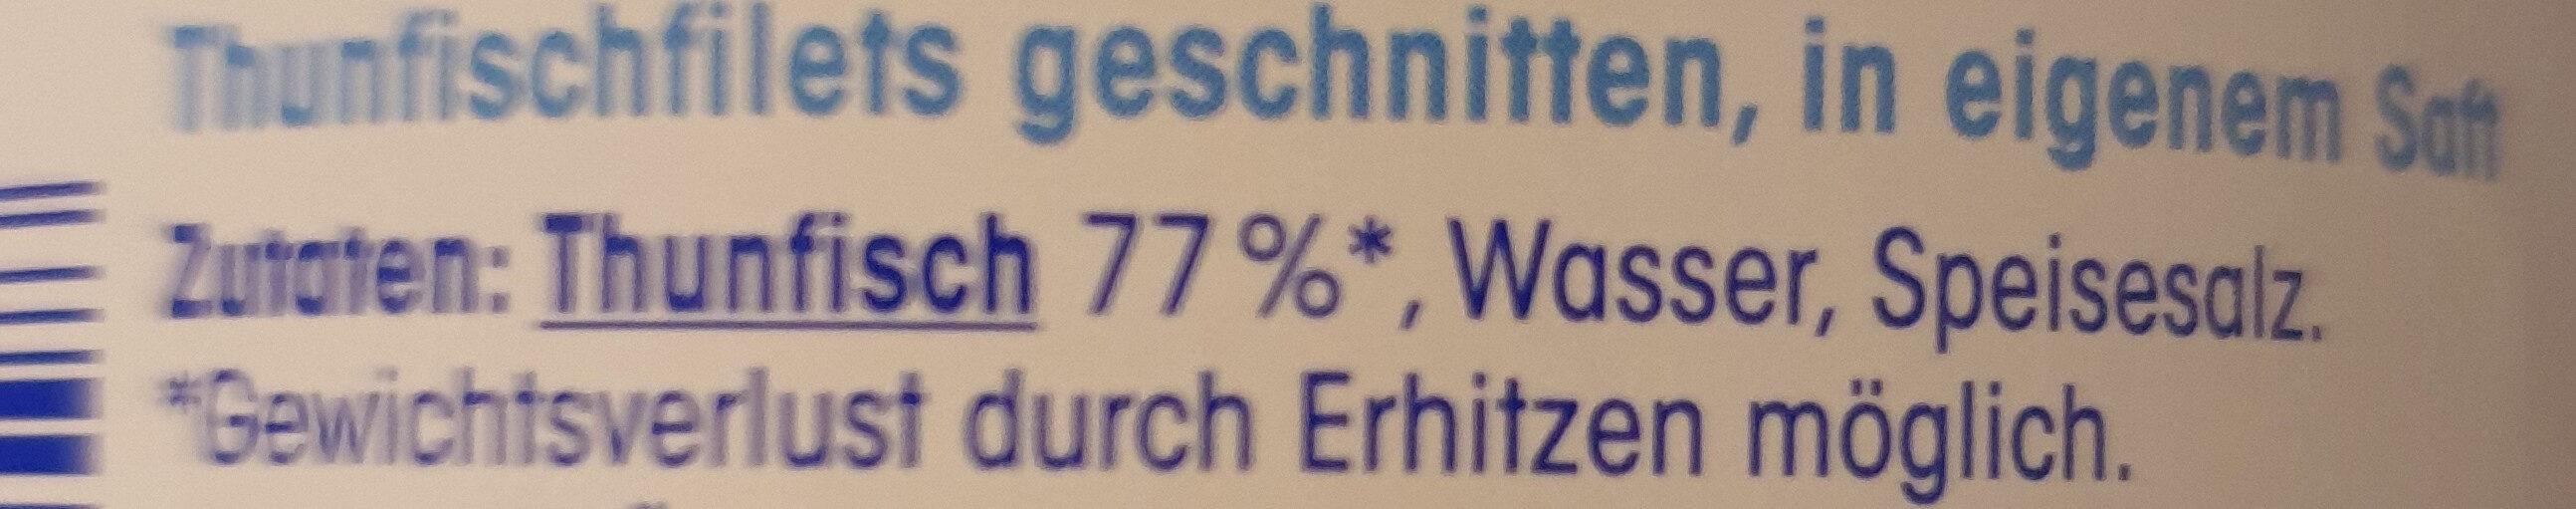 Thunfisch-filet in eigenem Saft - Ingredienti - de